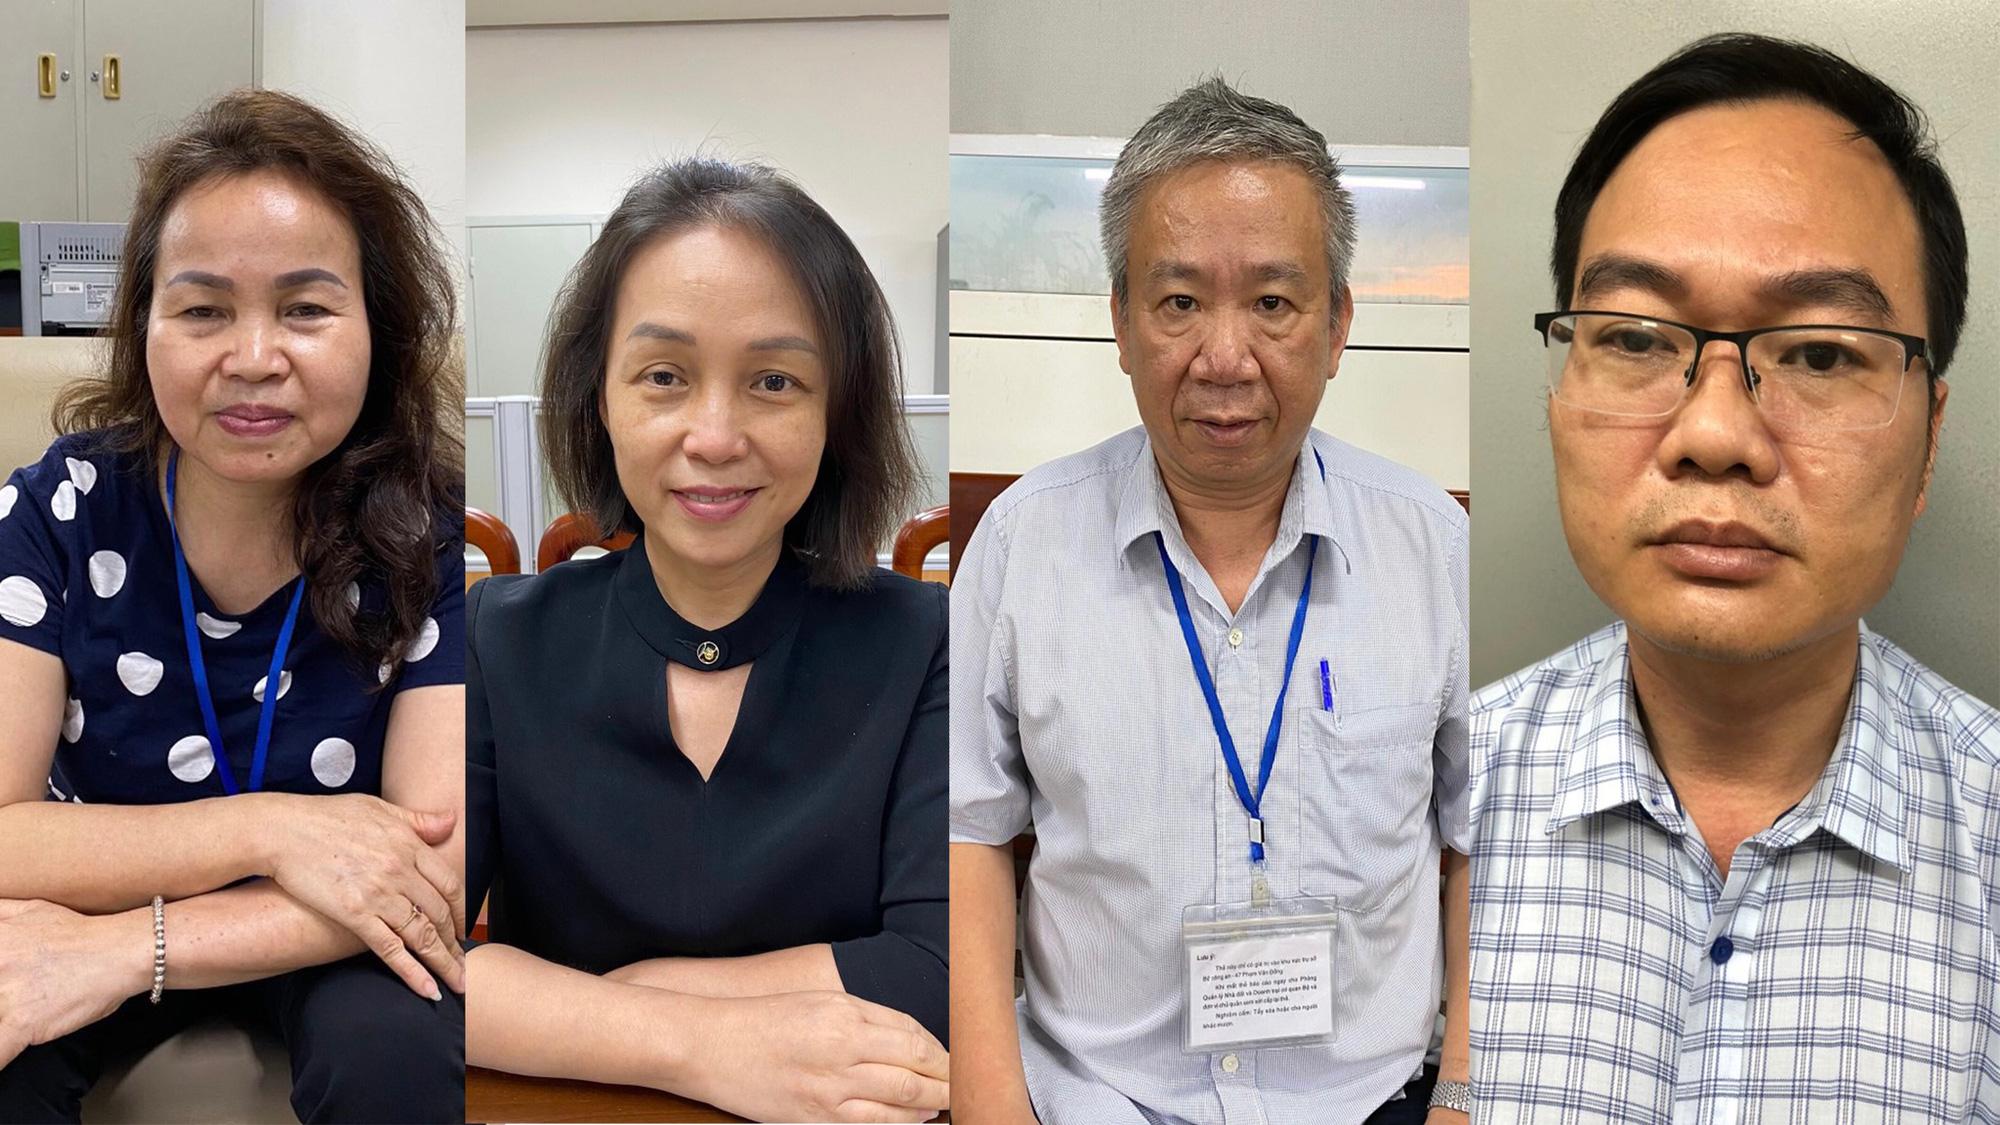 Vụ Bệnh viện Tim Hà Nội: Bộ Công an khởi tố giám đốc Công ty thiết bị y tế - Ảnh 2.